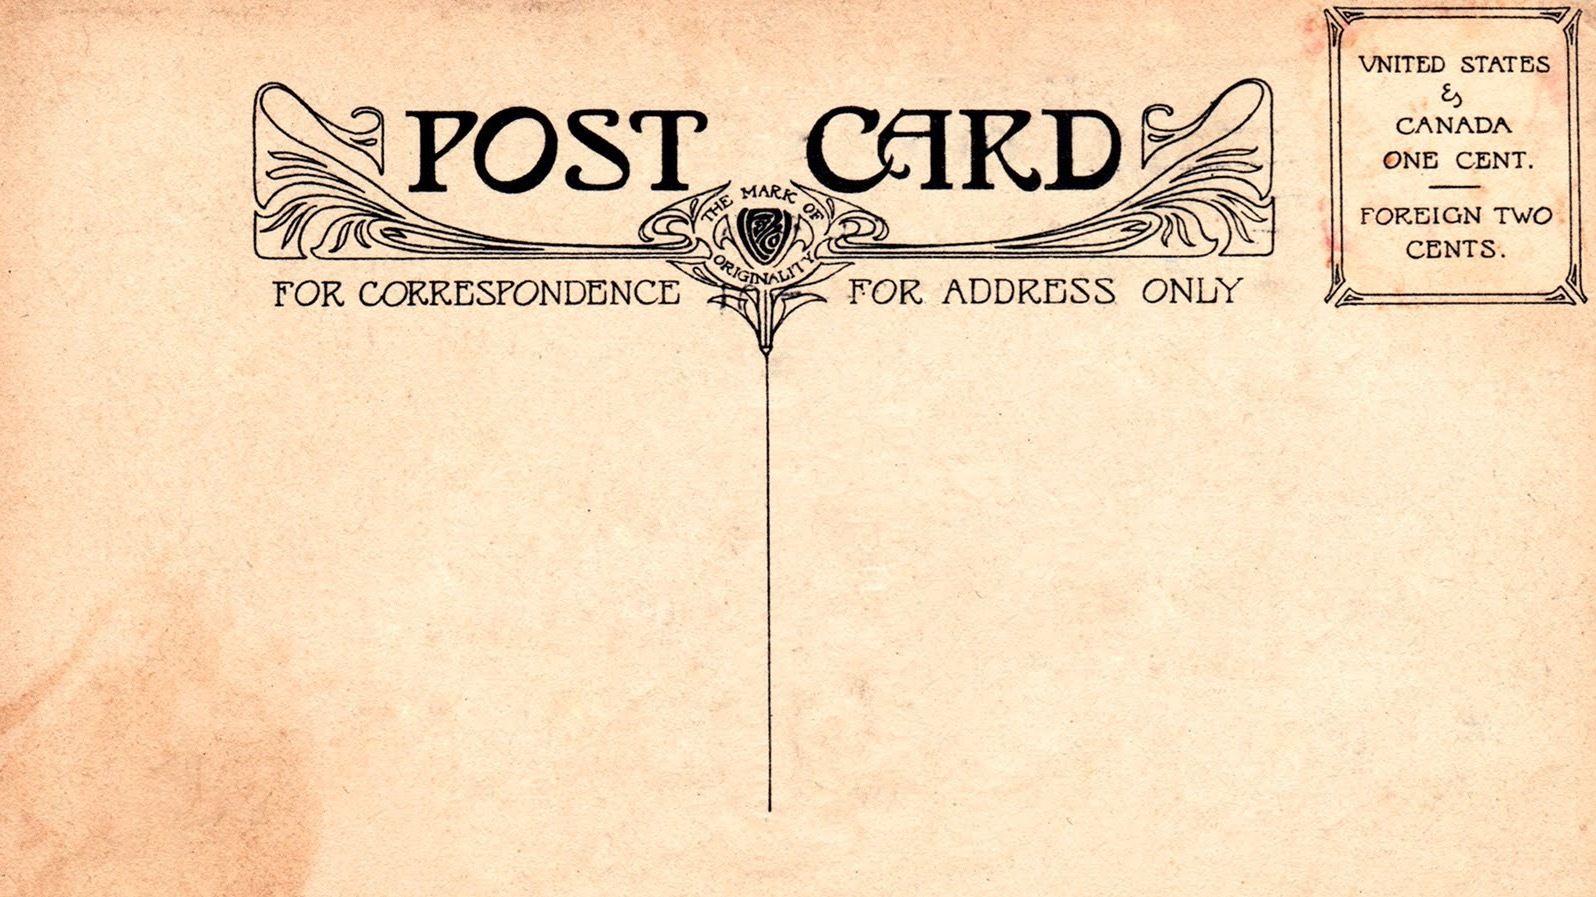 Mid-Atlantic Postcrossers